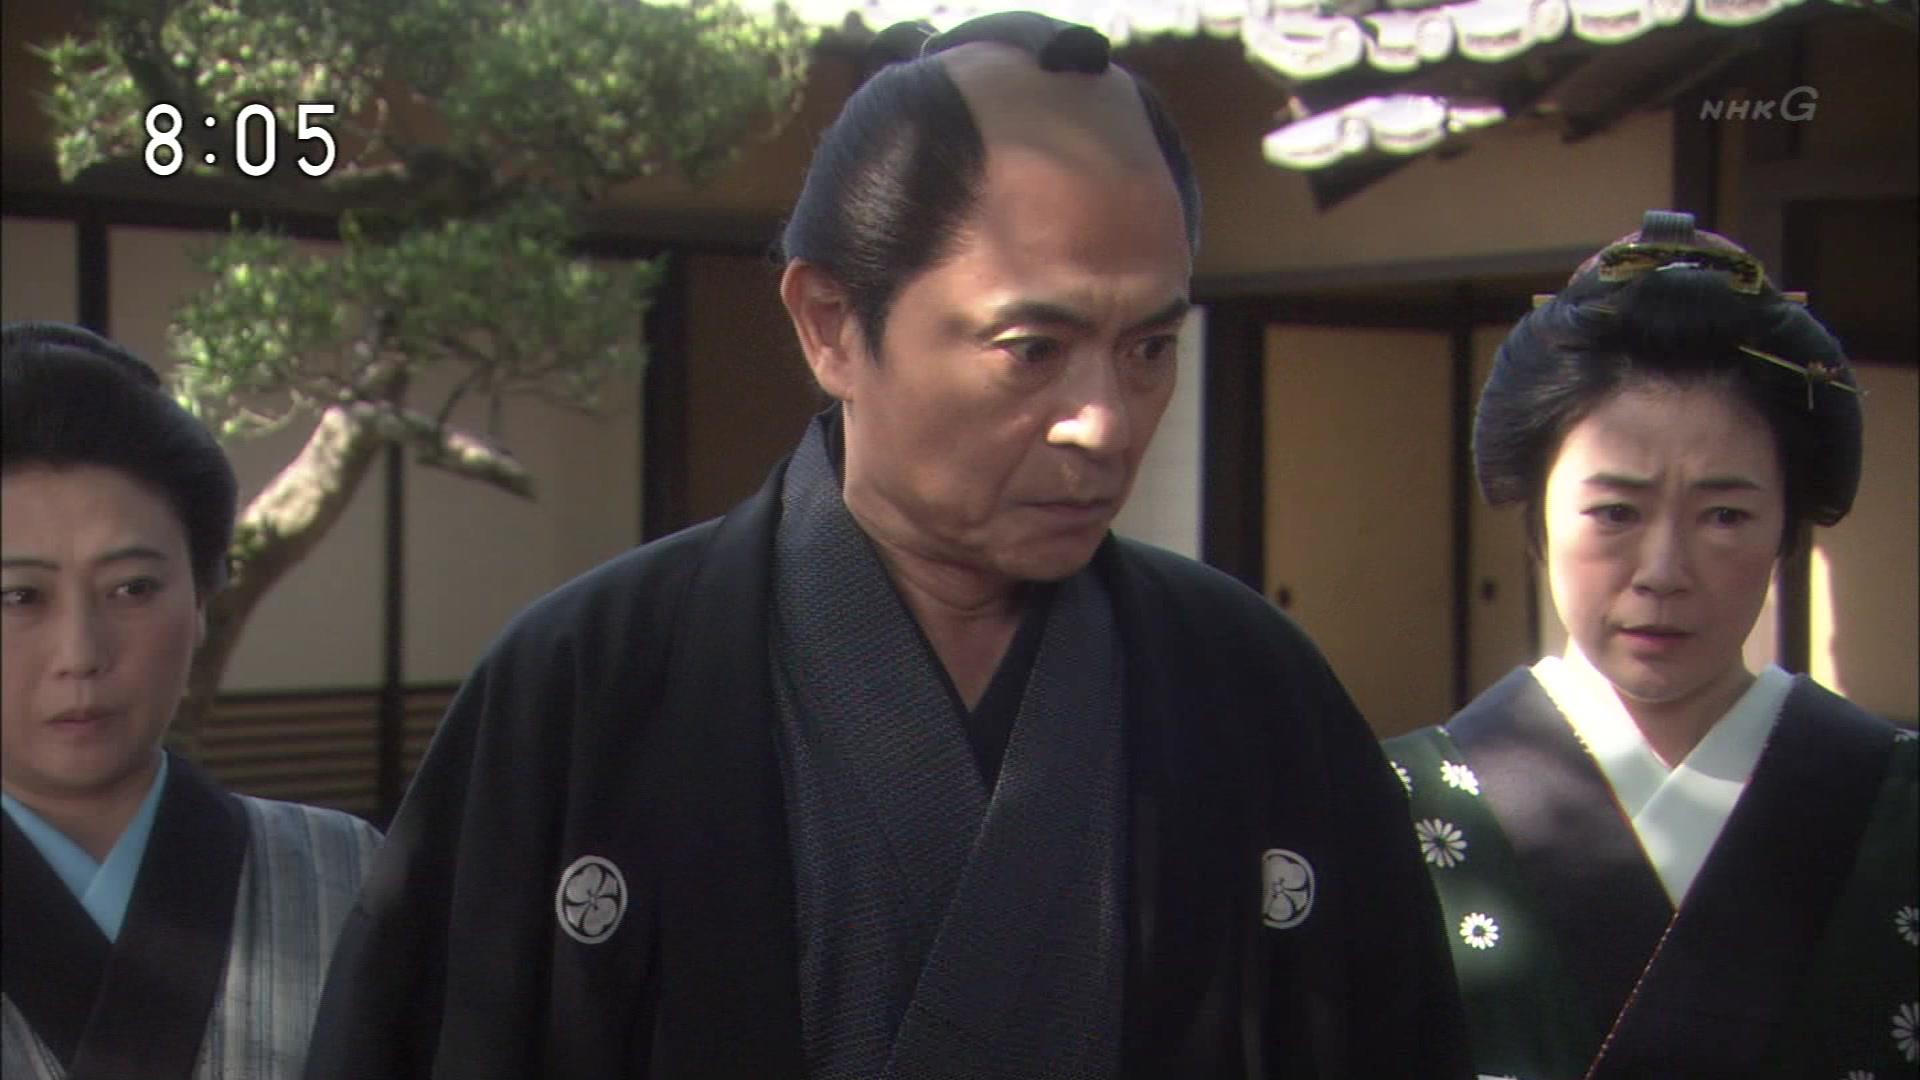 2015-09-28 08:00 連続テレビ小説 あさが来た(1)「小さな許嫁(いいなずけ)」 09998